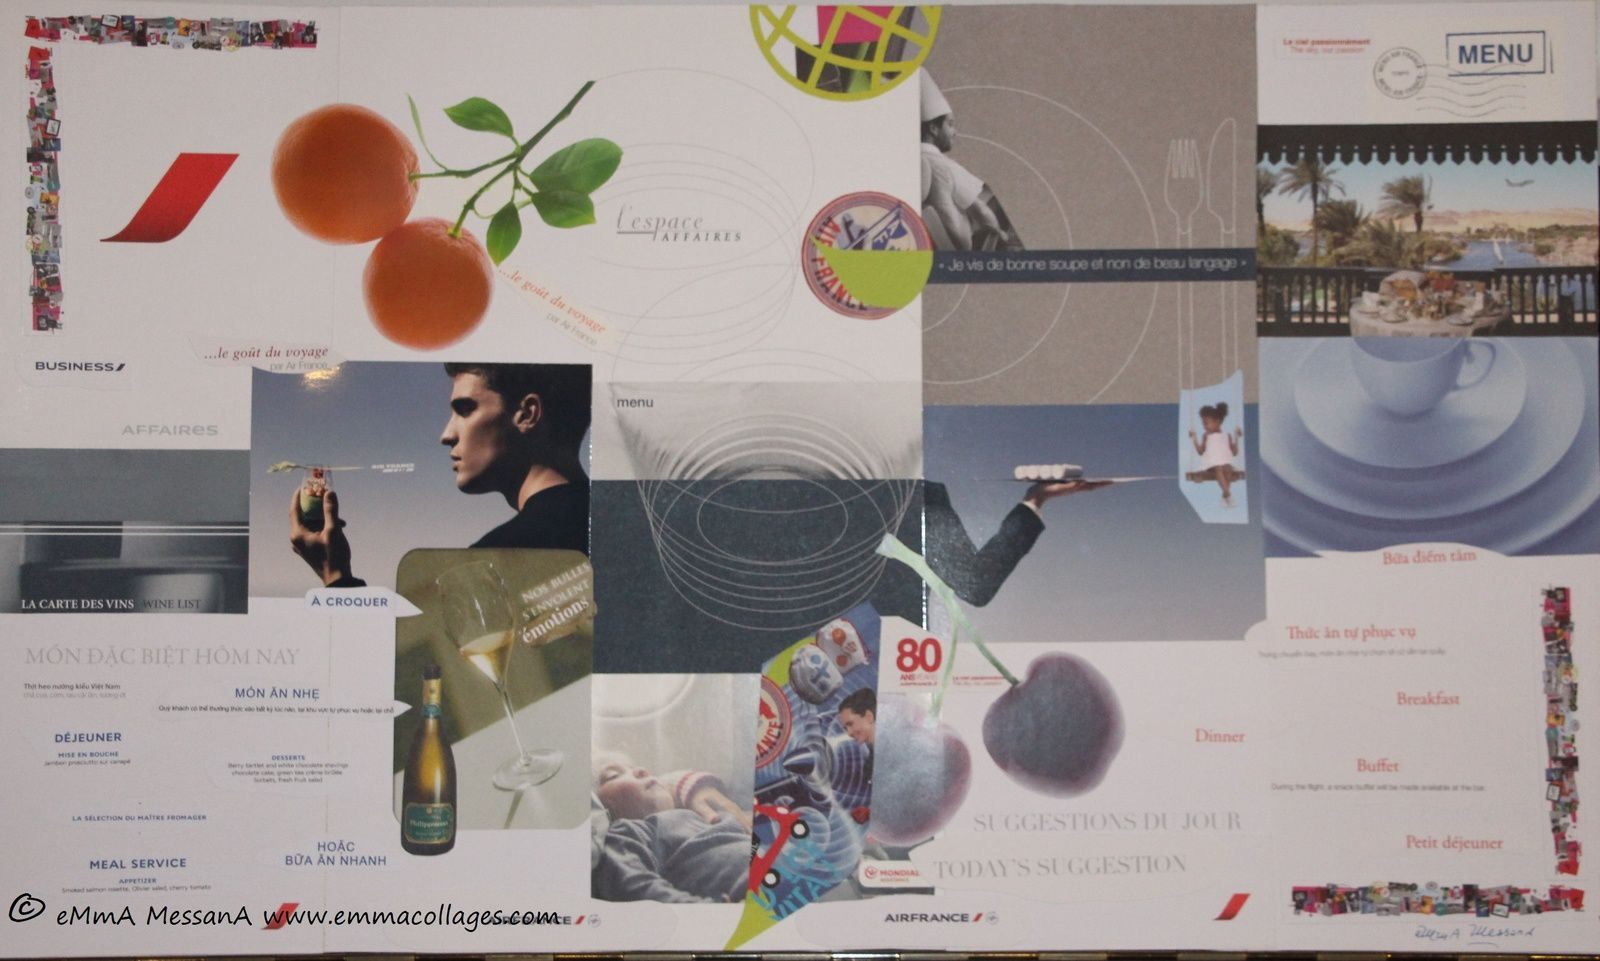 """Les Collages d'eMmA MessanA, collage N°448 """"Cuisine & Altitude"""", exemplaire unique © eMmA MessanA"""